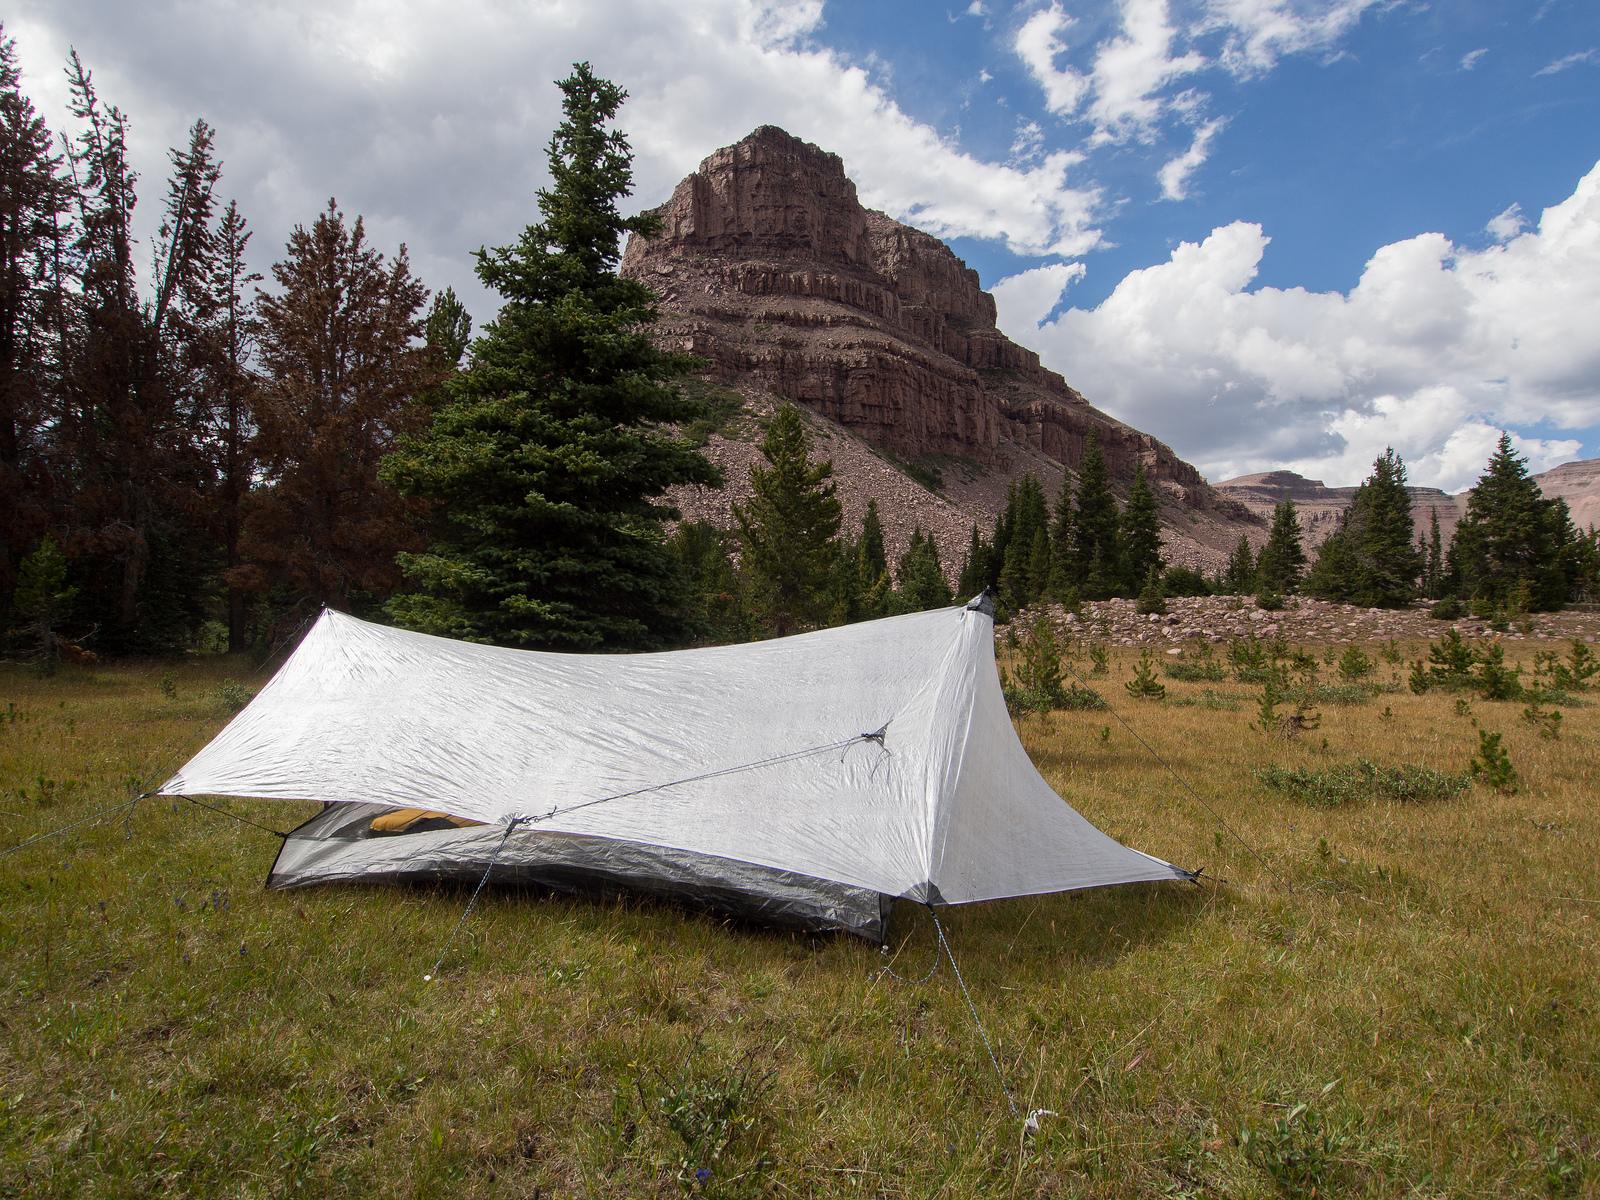 Hyperlite ... & Hyperlite Mountain Gear Echo II Shelter | Mediocre Mountaineering